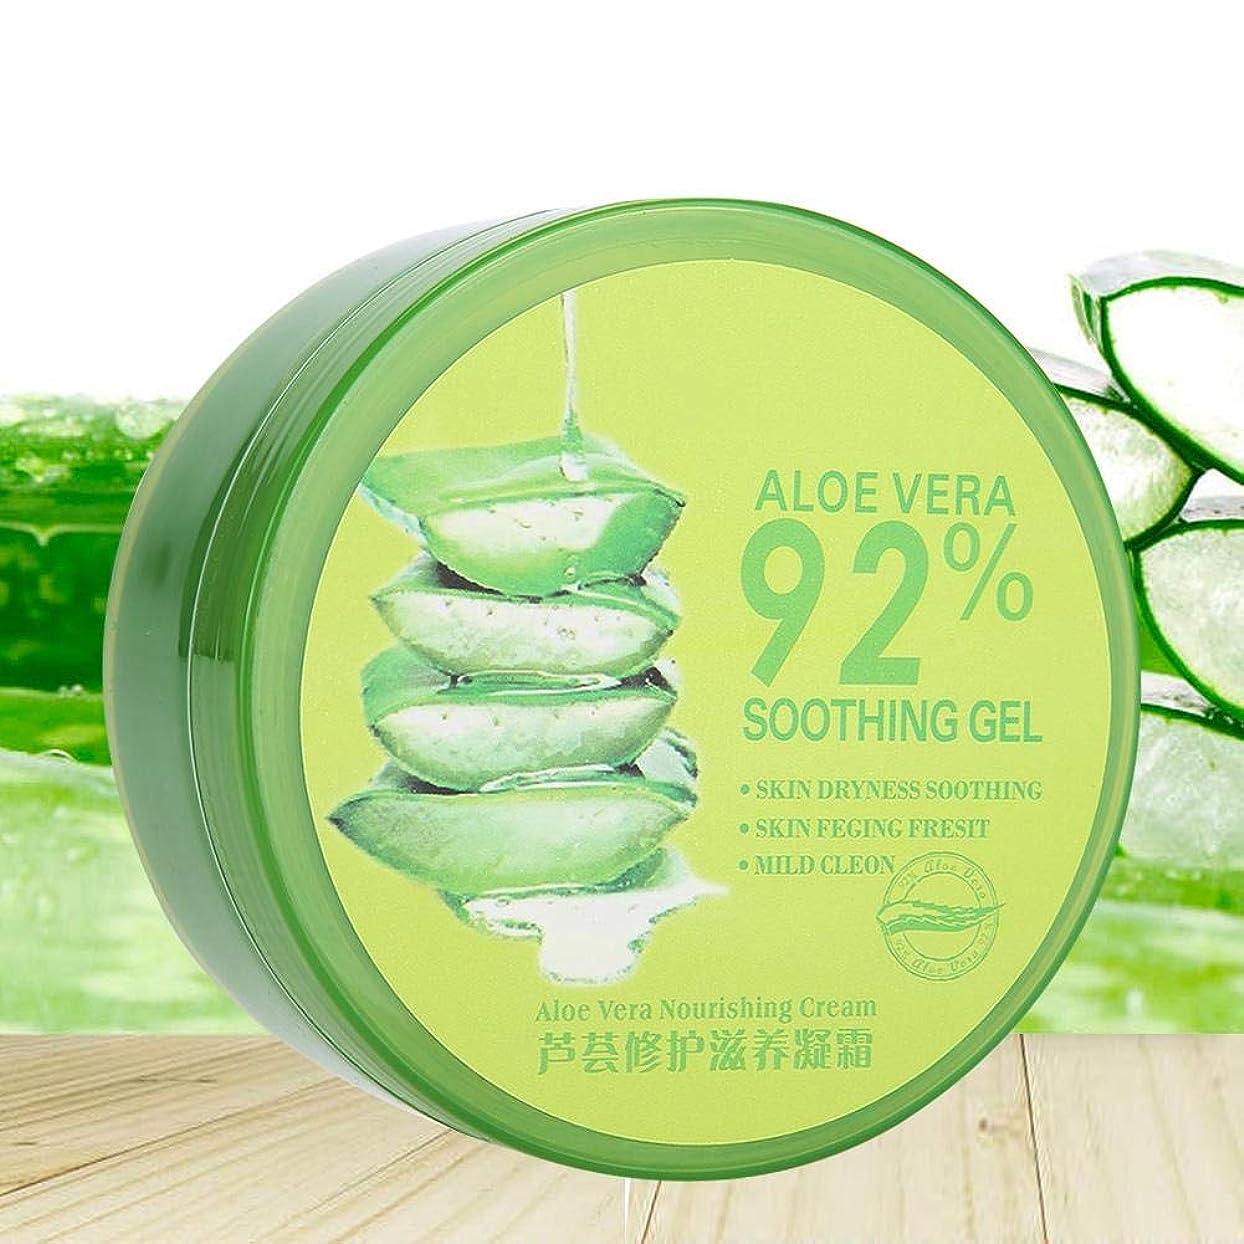 傾向志す薬理学保湿アロエベラジェル、ナチュラルハイドレイティング保湿栄養アロエベラジェルにきび治療美容スキンケアクリームスリーピングクリーム